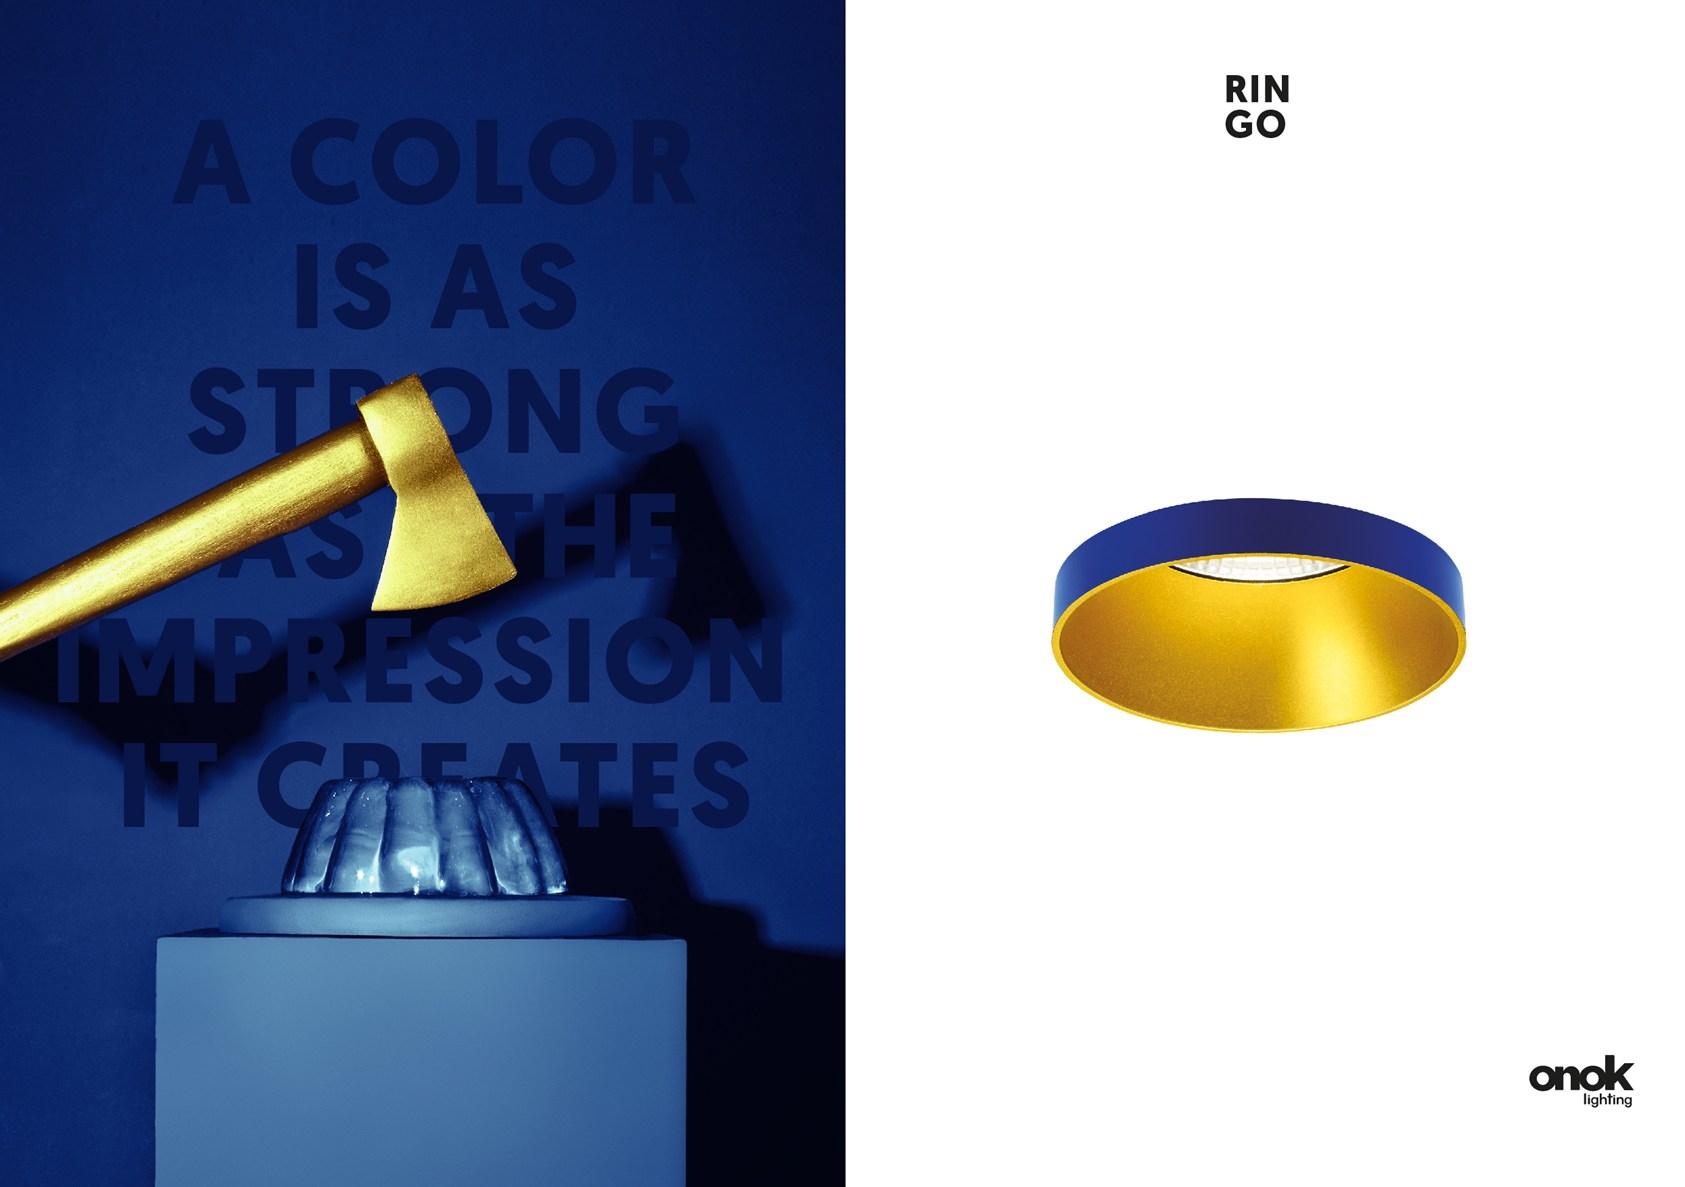 fotografia-producto_lamparas_fotografo-de-producto_publicidad_ambientes_catalogo_luz_iluminacion_onok_cualiti_01